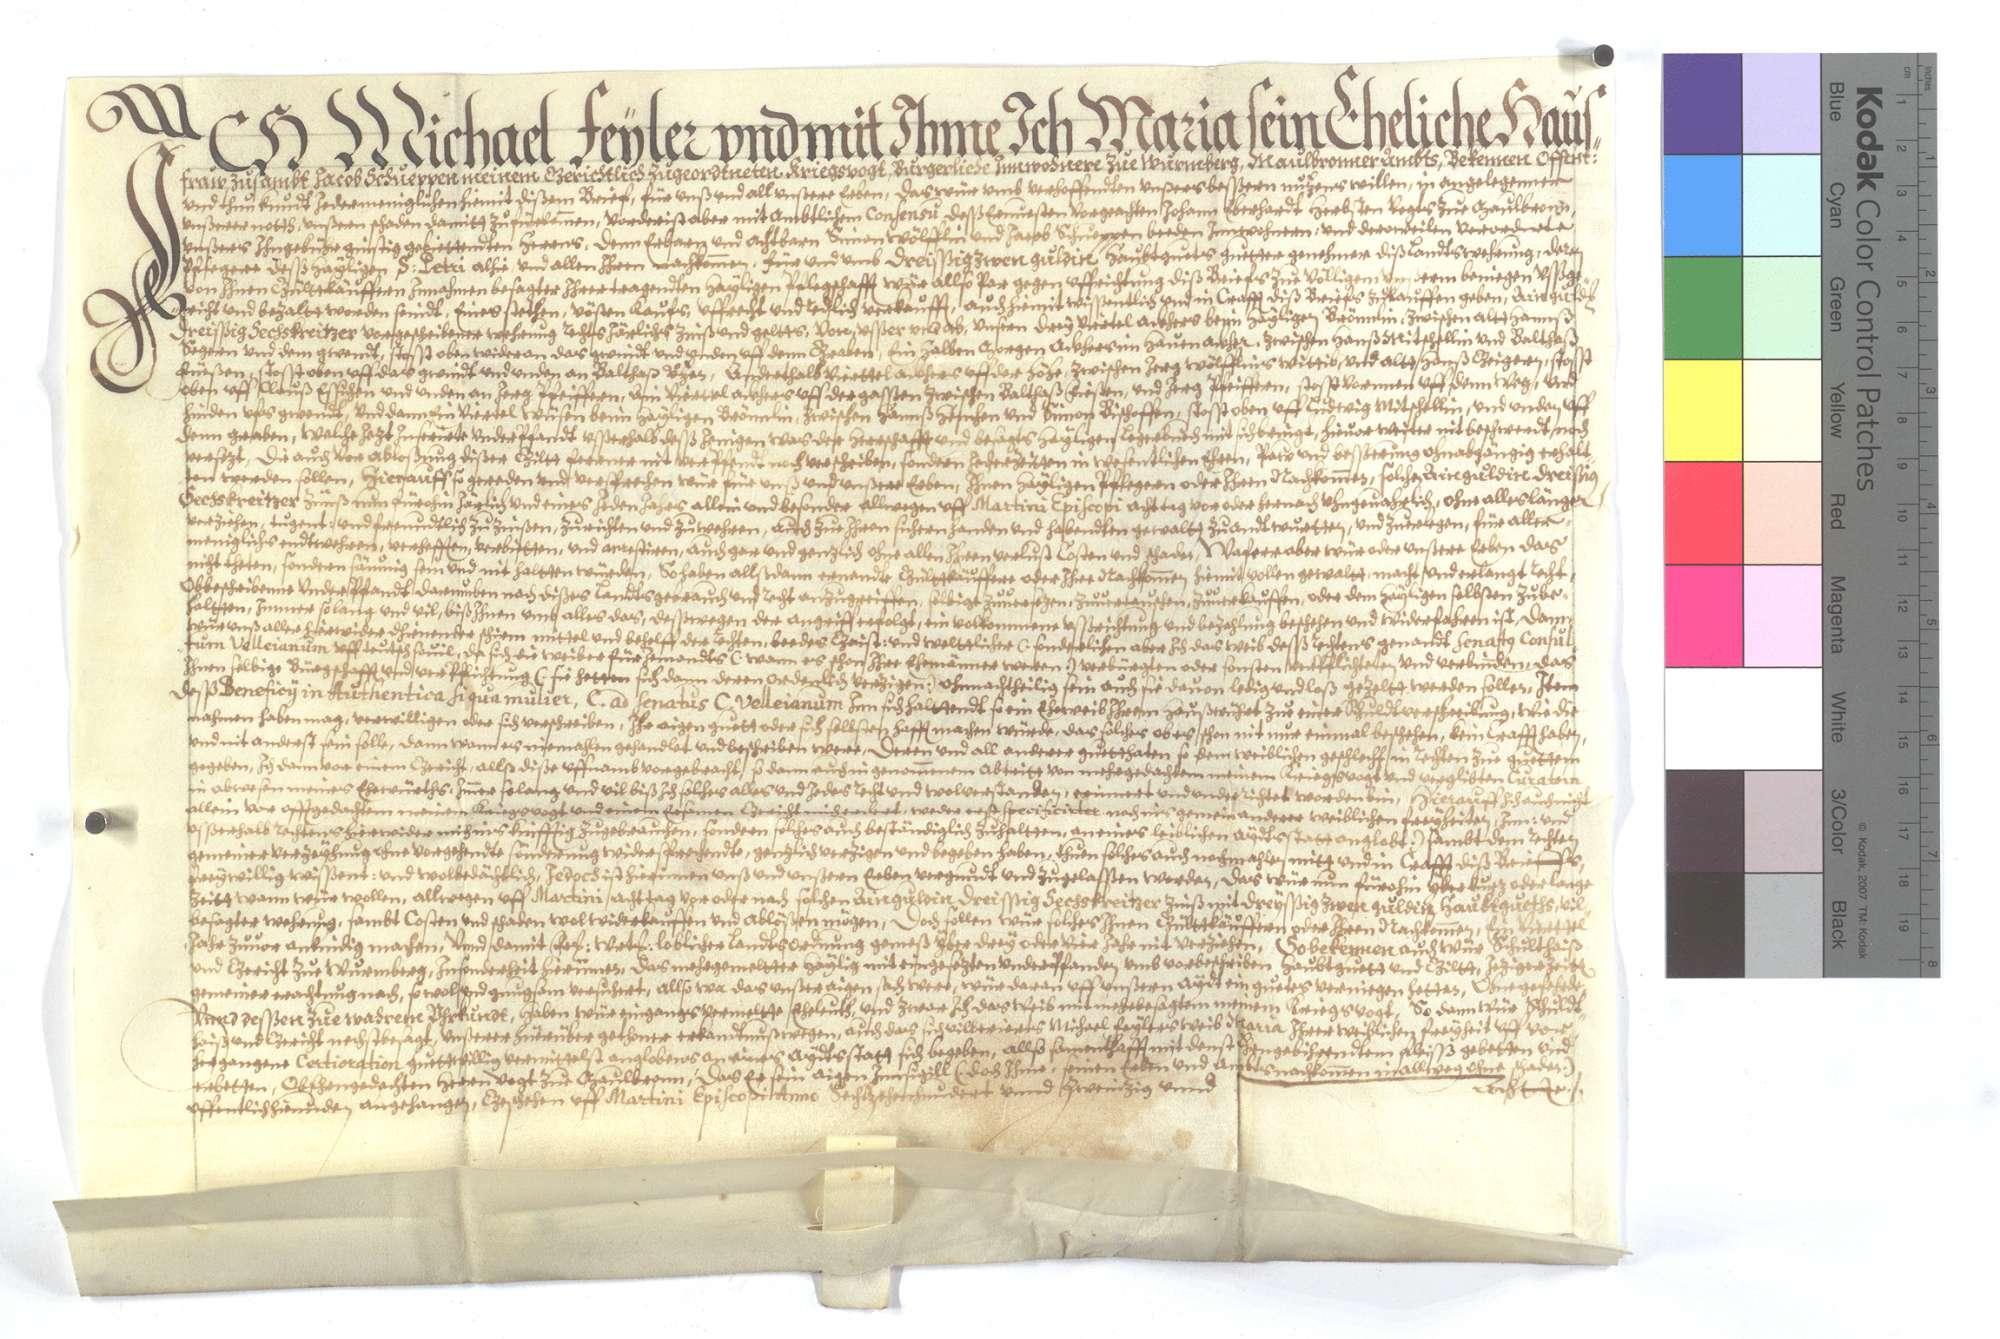 Verschreibung Michael Feylers und seiner Frau auf Martini 1 Gulden 36 Kreuzer., Text